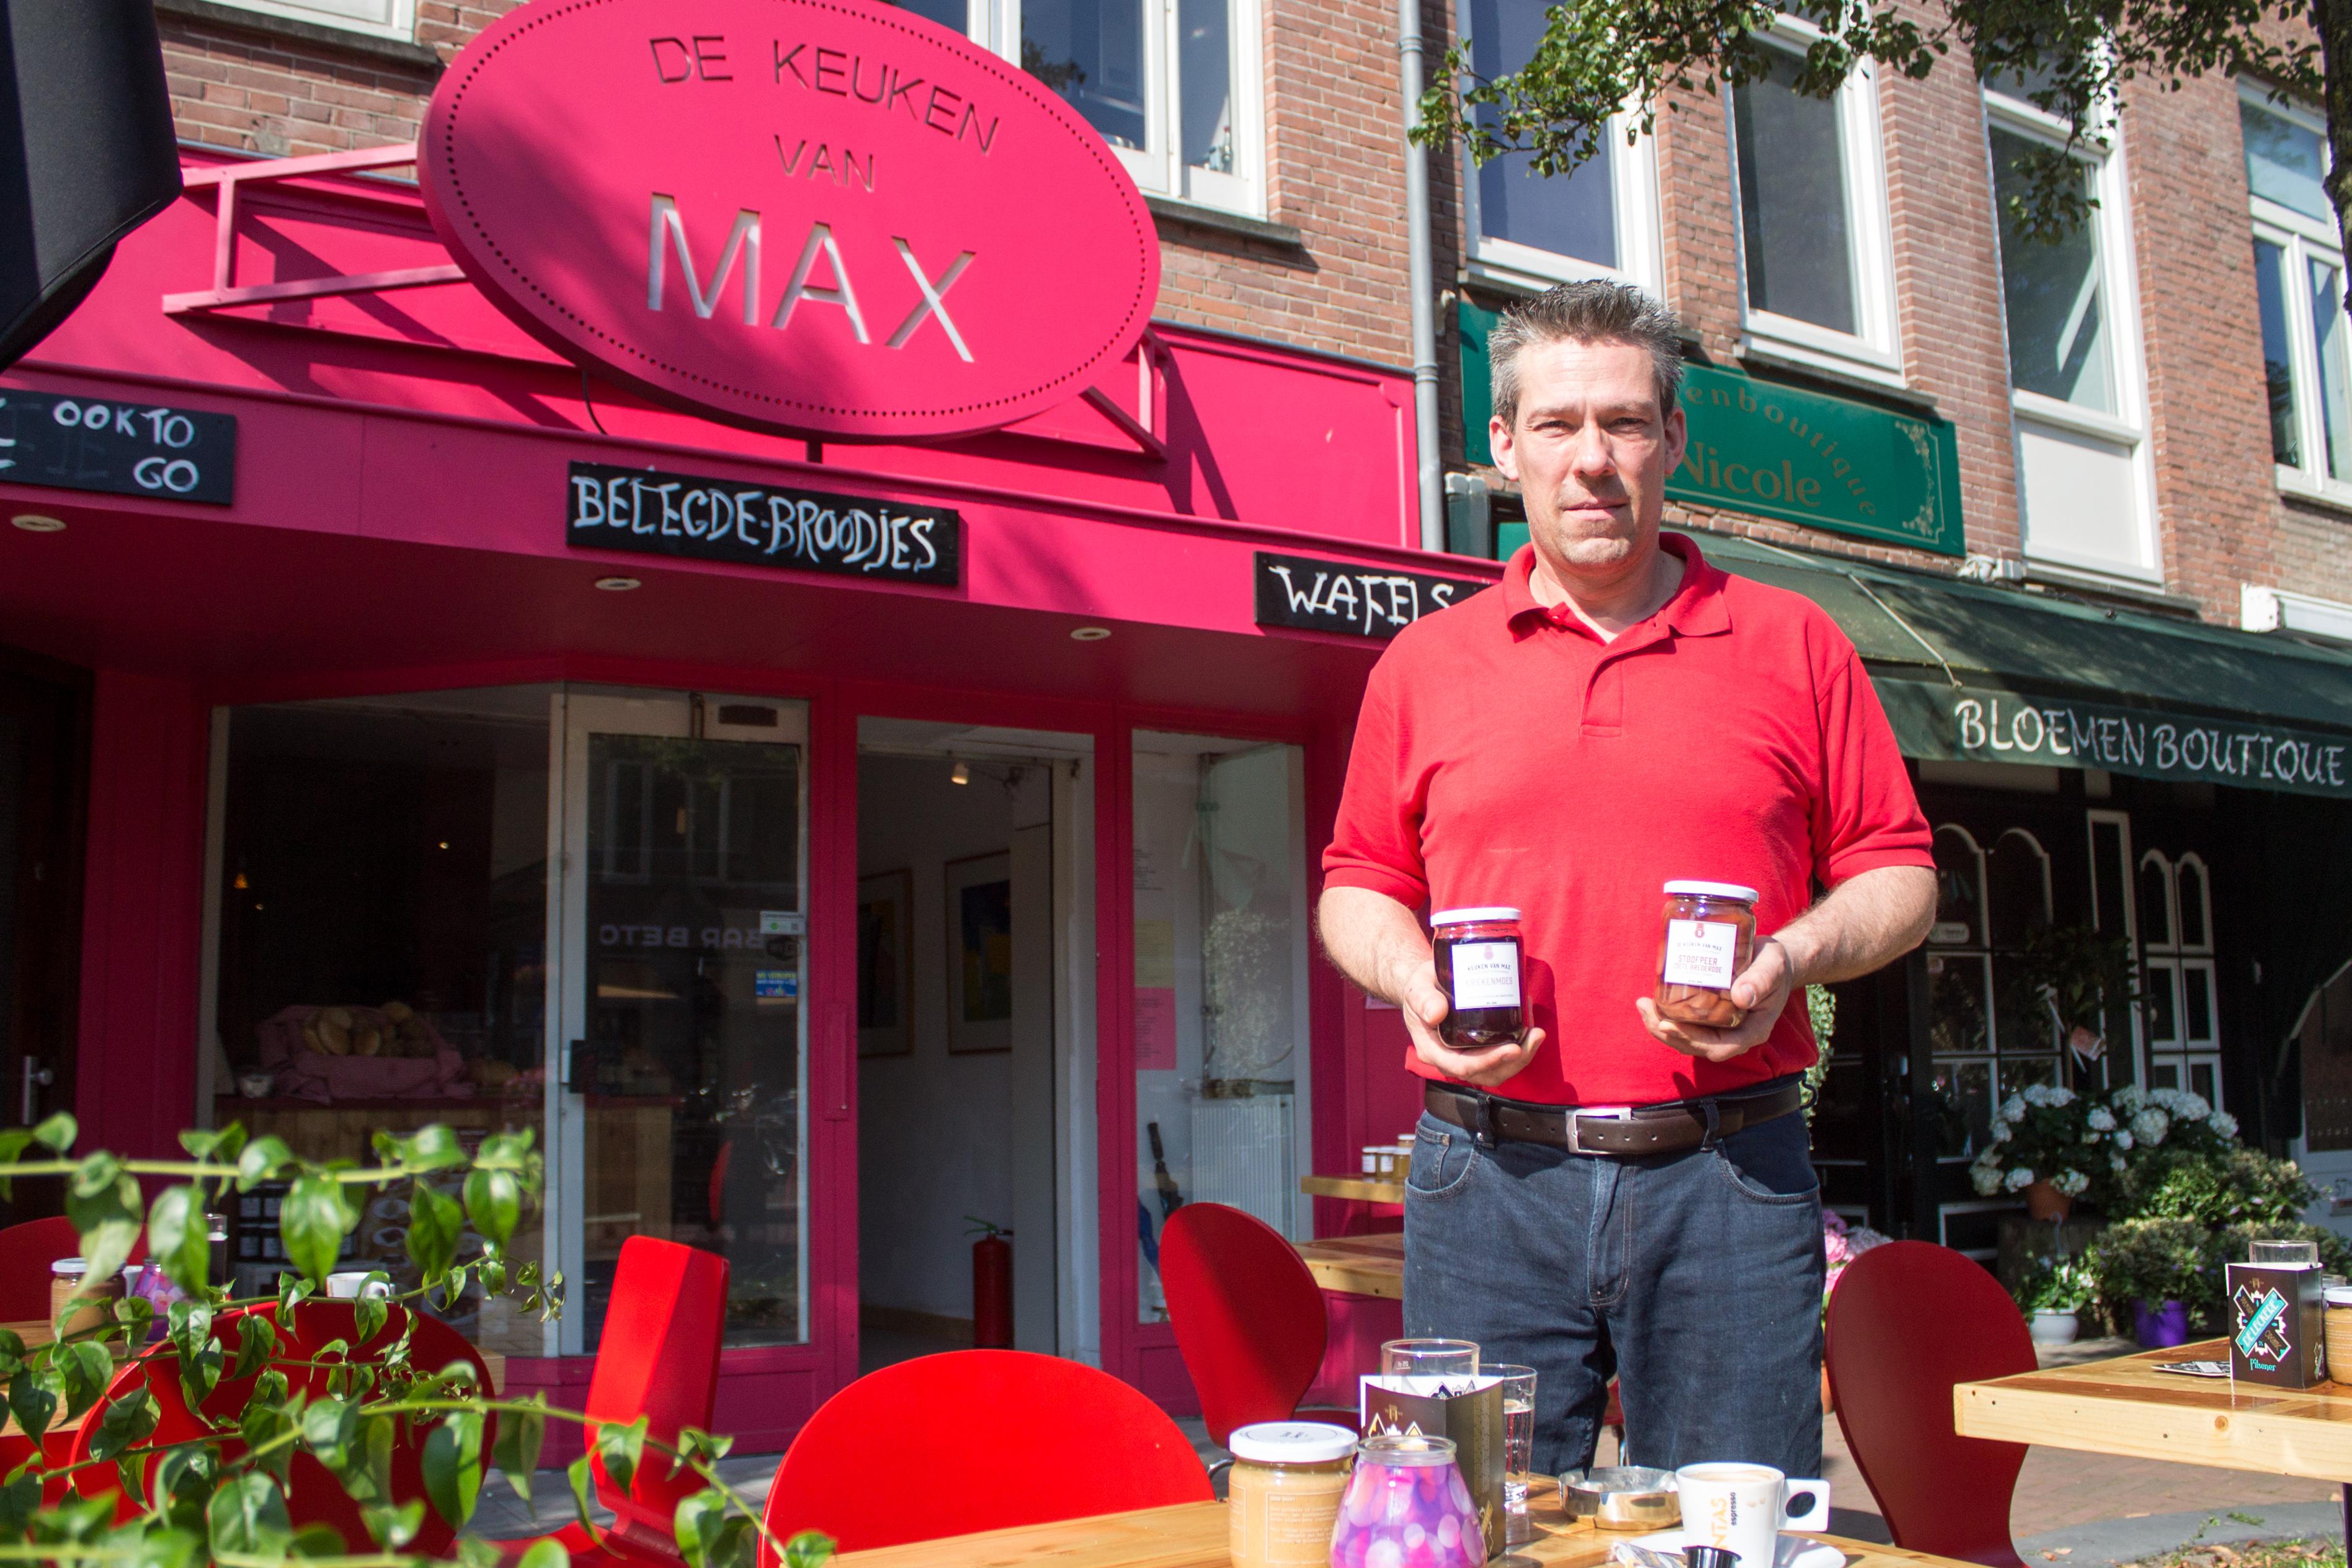 De Keuken Utrecht : Verdwijnt de roze gevel van de keuken van max aan de adriaan van